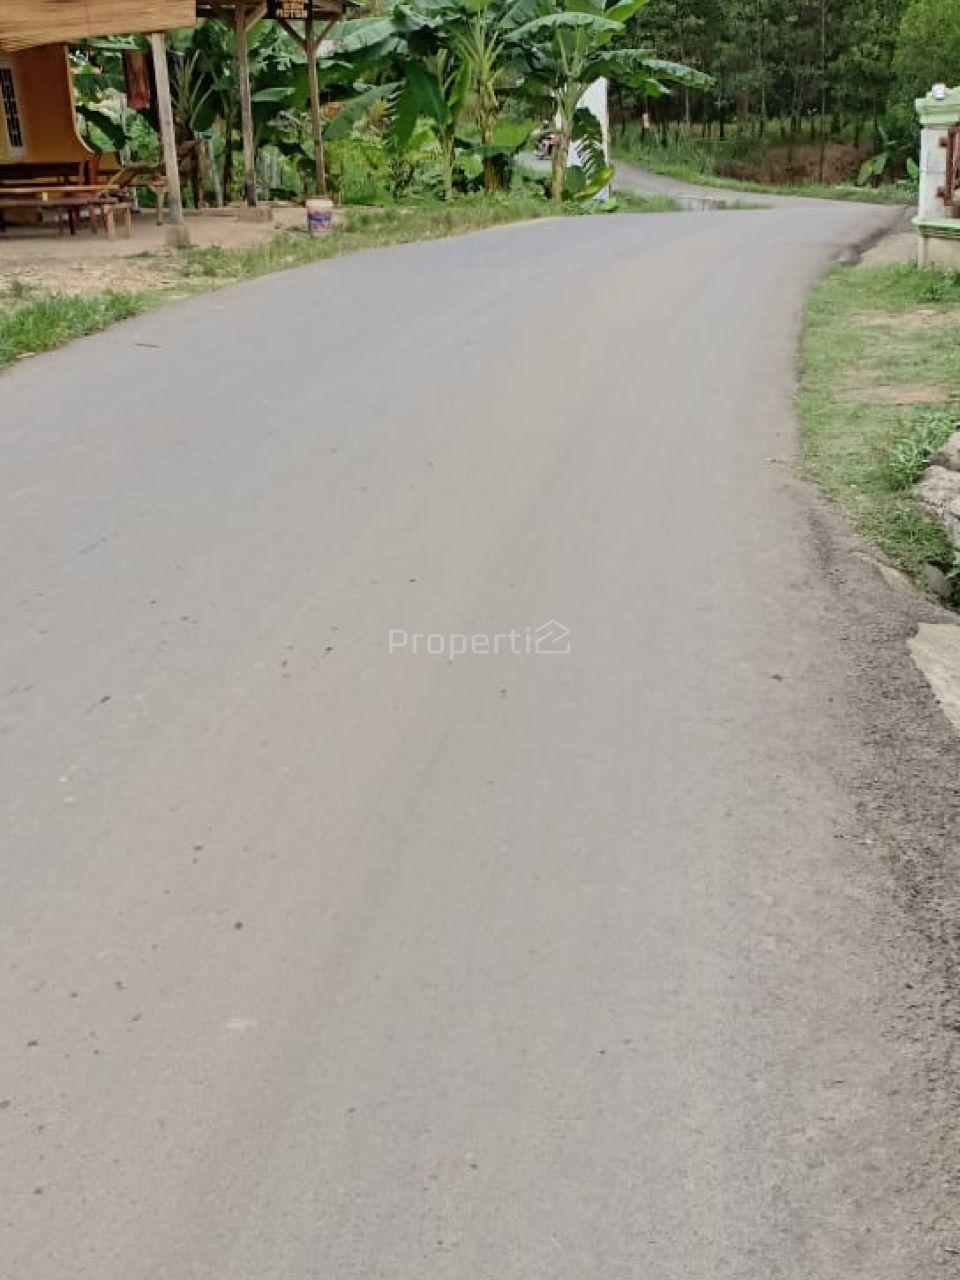 Tanah Hamparan Sangat Cocok untuk Perumahan, Villa atau Resort, Kab. Bogor